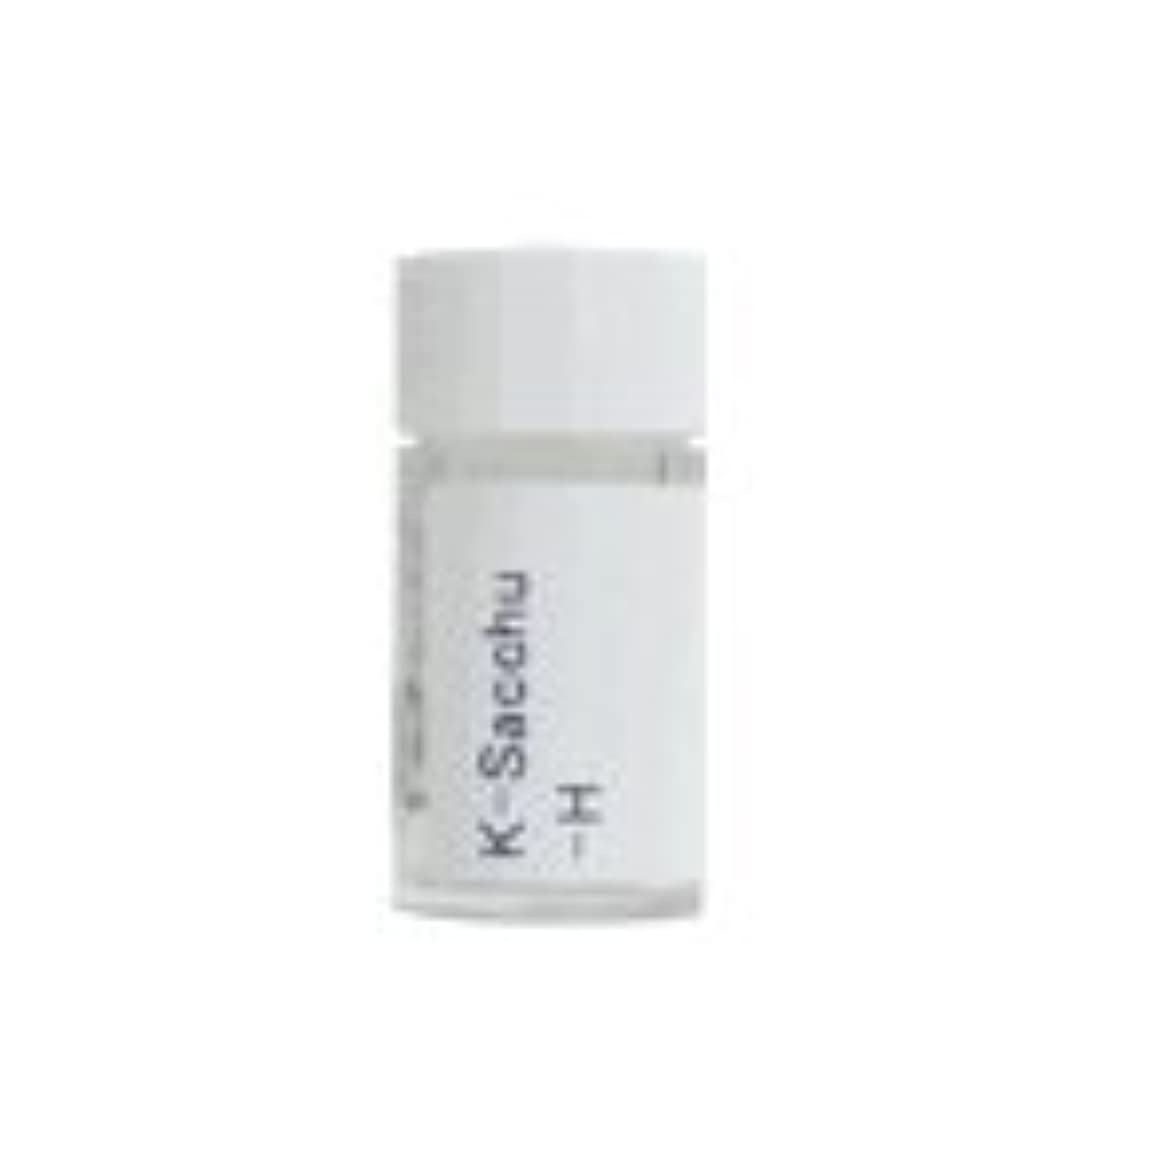 熱狂的な肺炎バルクKシリーズ レメディー 単品 (小ビン(1.5g/約30粒), K-Sacchu-H)